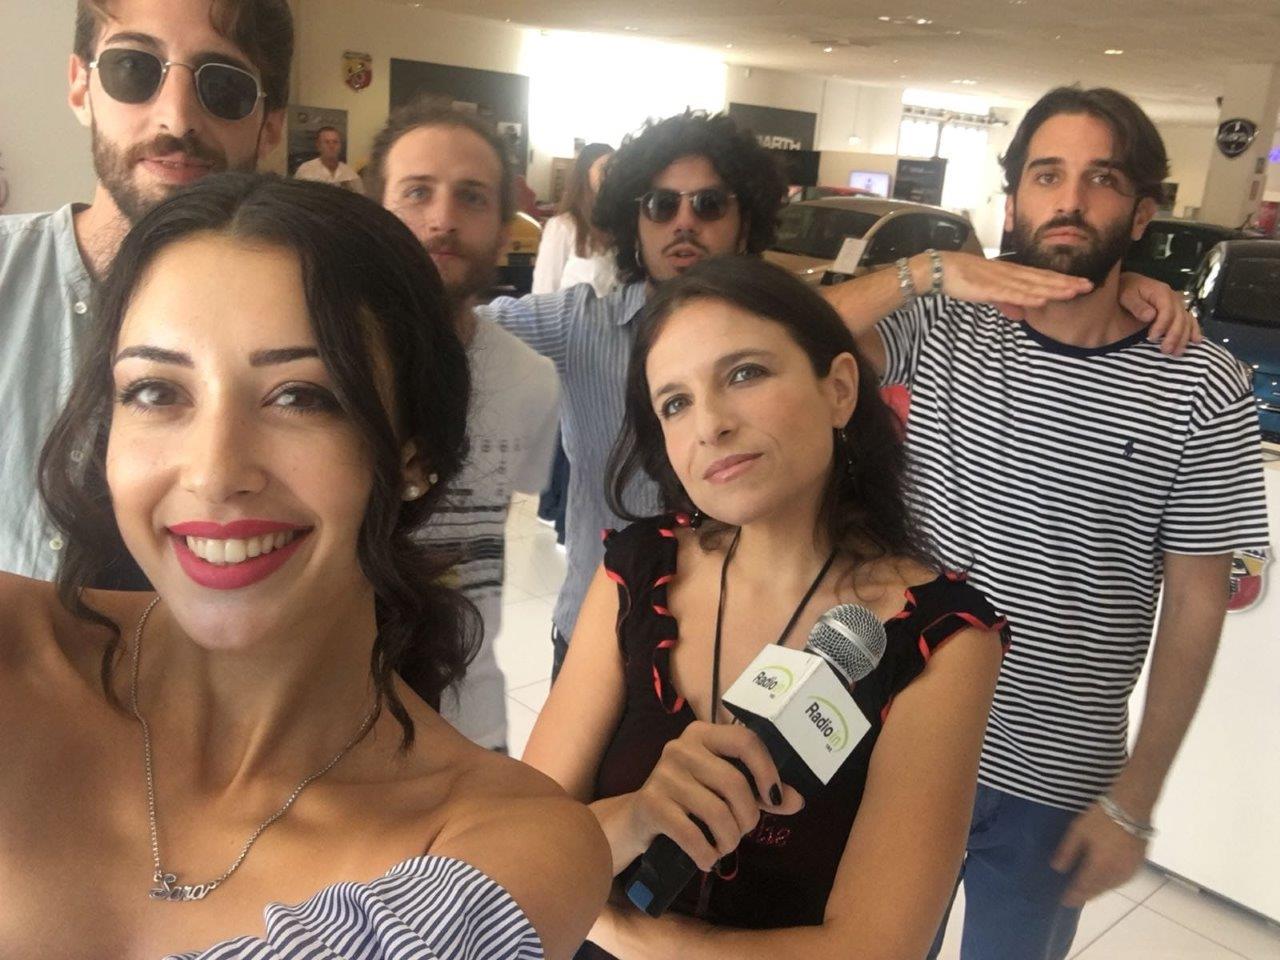 Sara Priolo, Milvia Averna, Dario Bruno, Nazario Di Liberto, Peppe Bisconti